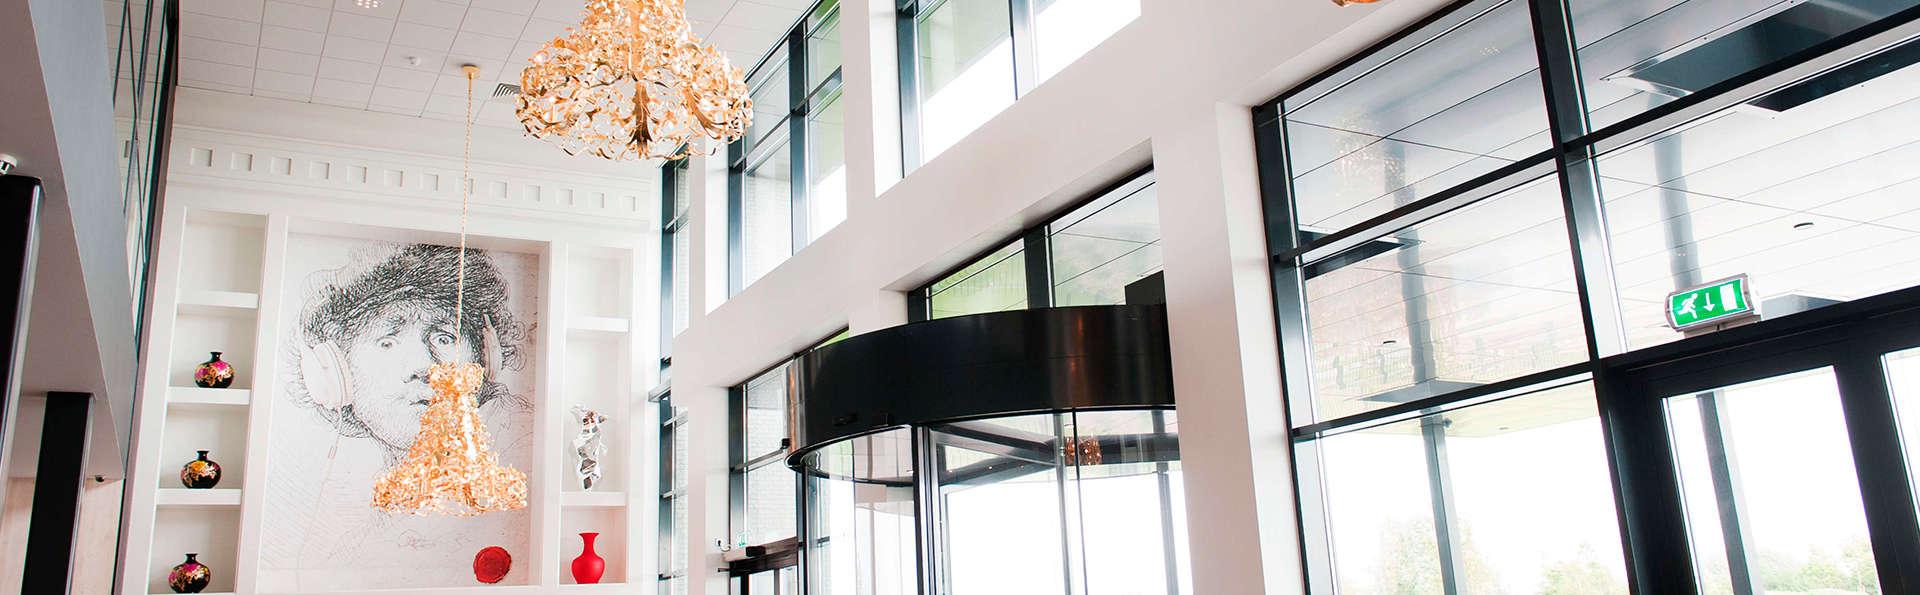 Van der Valk Hotel Schiphol A4 - EDIT_entrance2.jpg